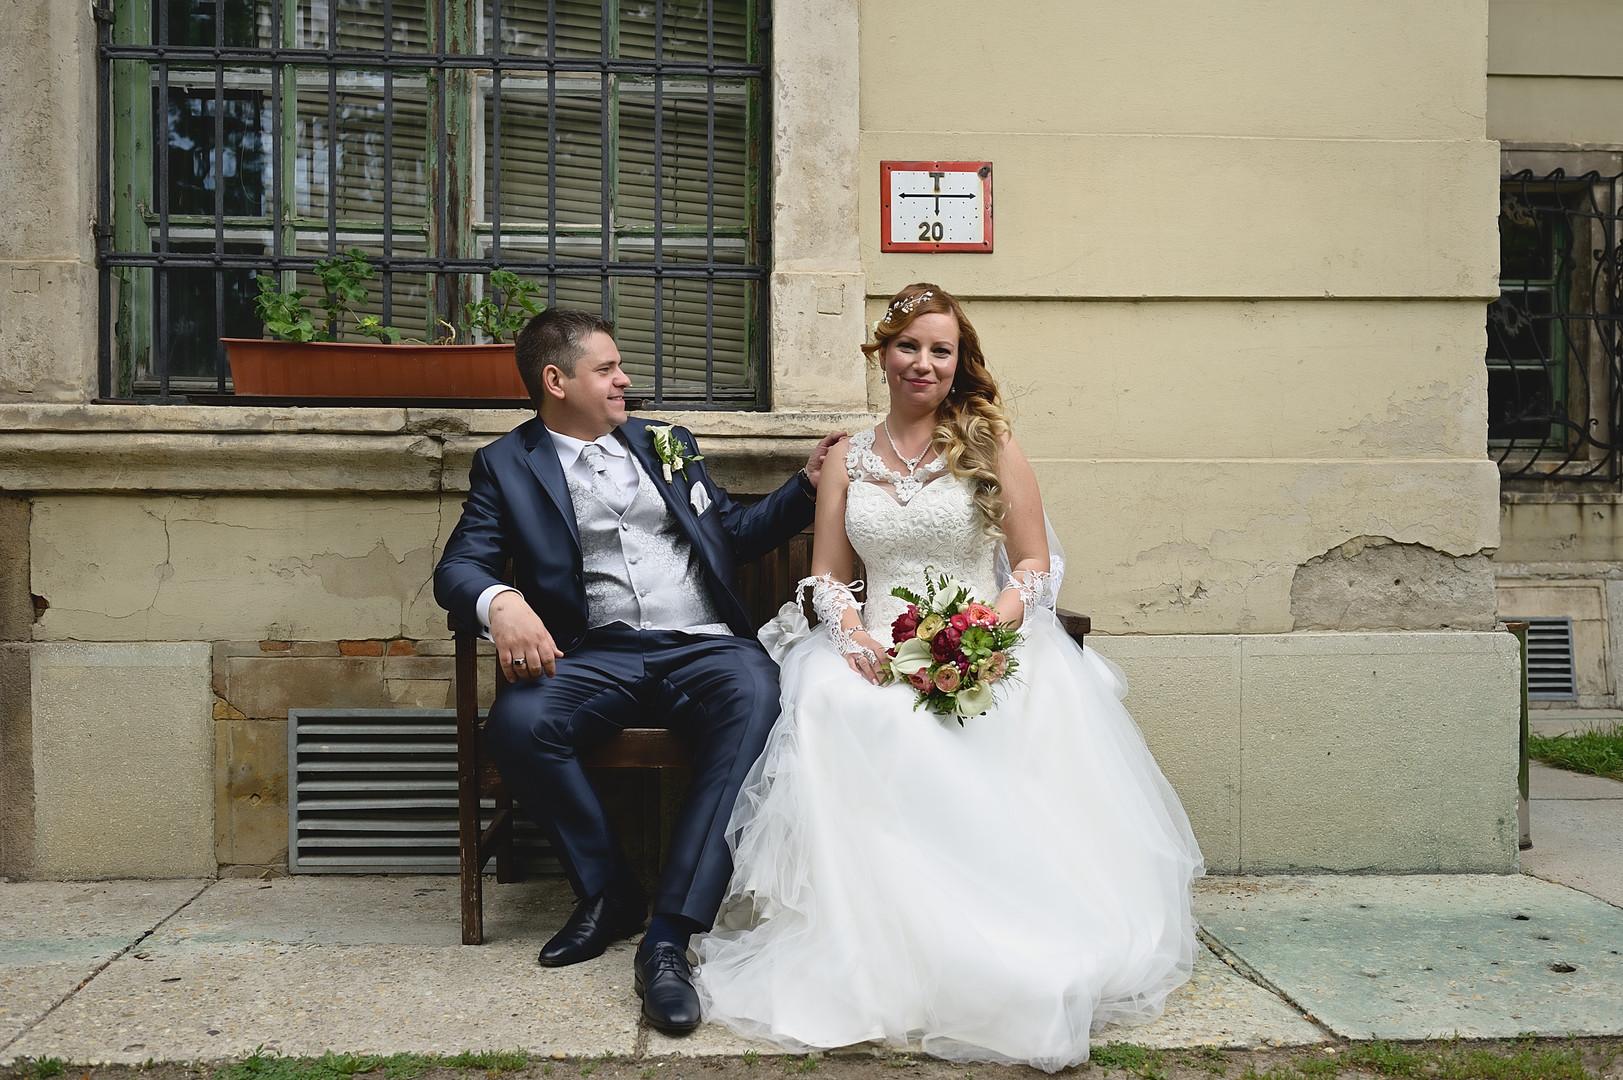 405  Esküvői fotózás - Enikő és Peti KRE